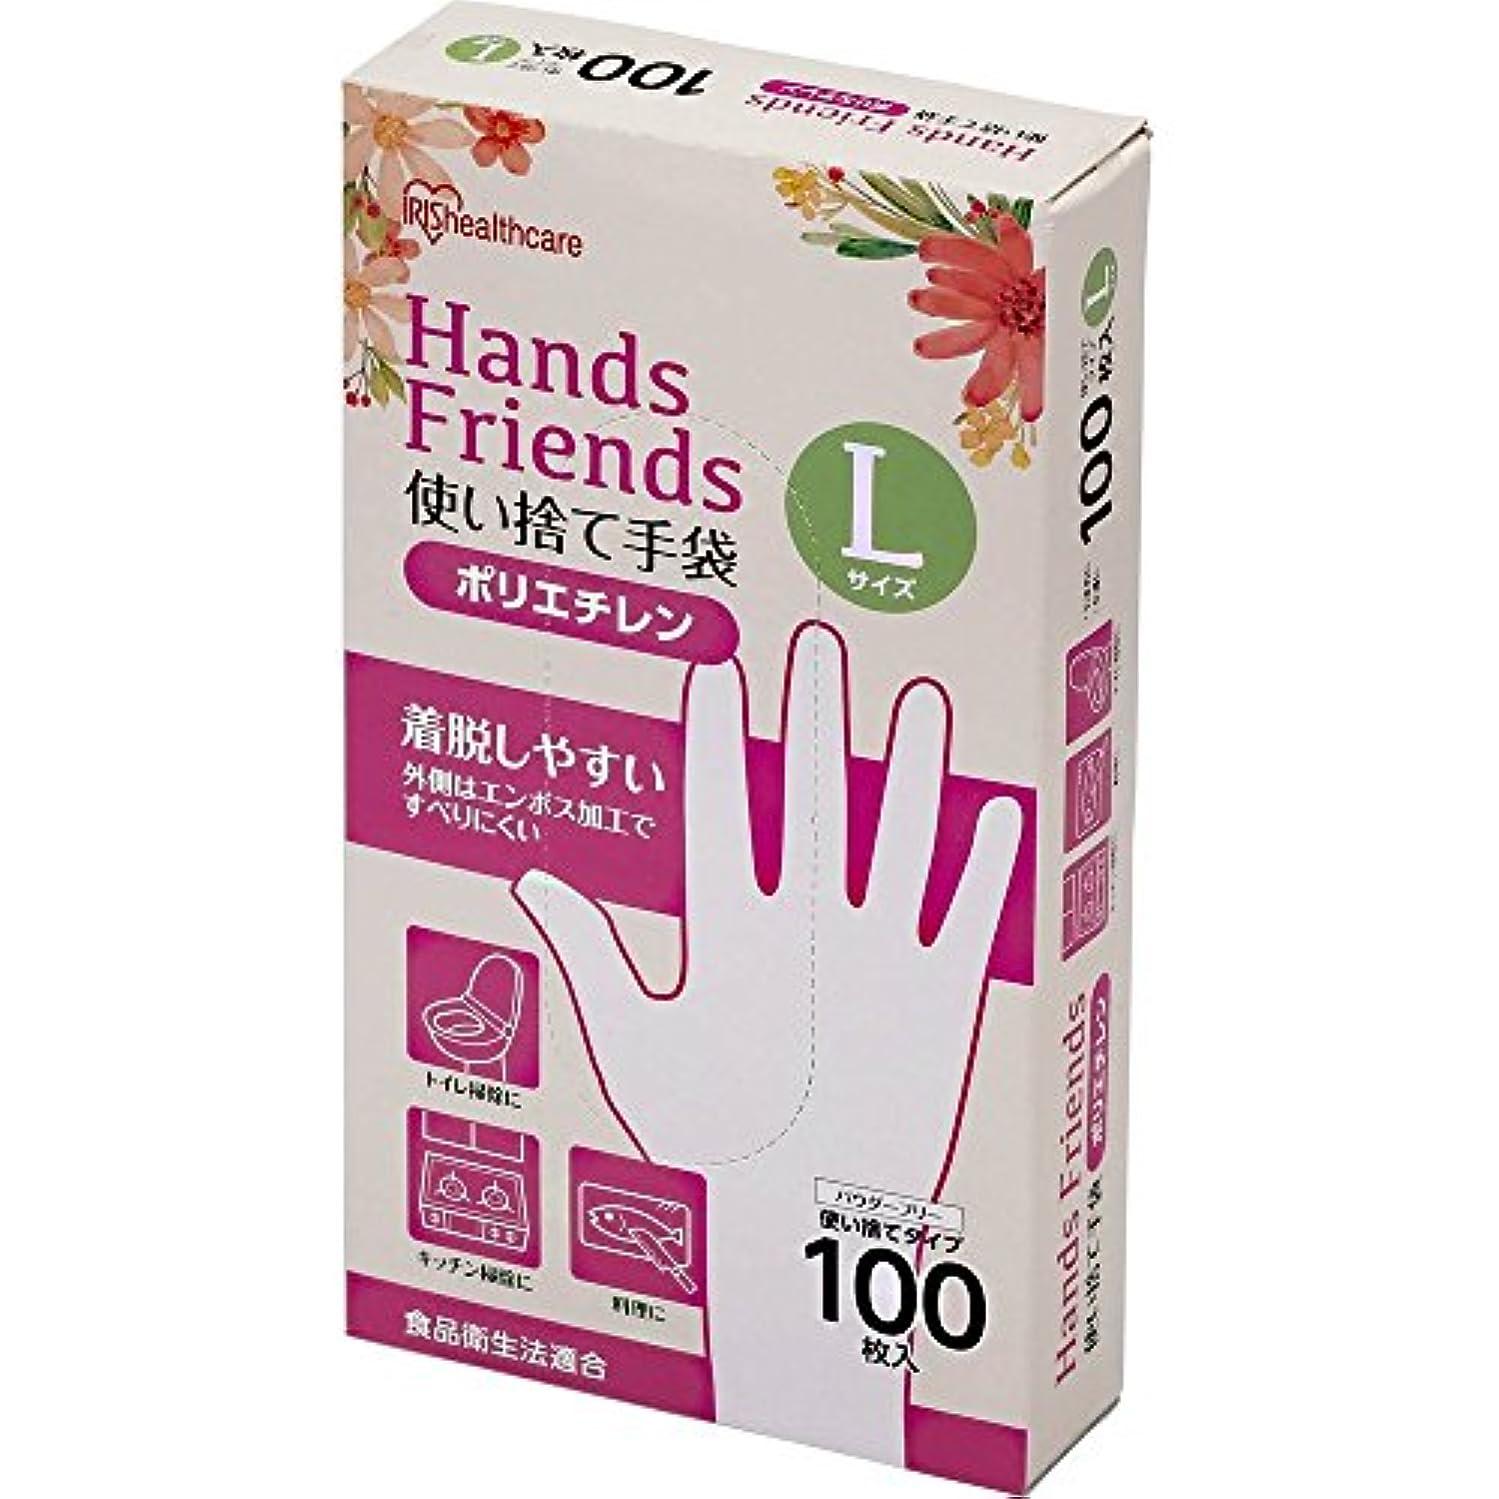 グラム柔らかい解凍する、雪解け、霜解け使い捨て手袋 ポリエチレン手袋 Lサイズ 粉なし パウダーフリー クリア 100枚入